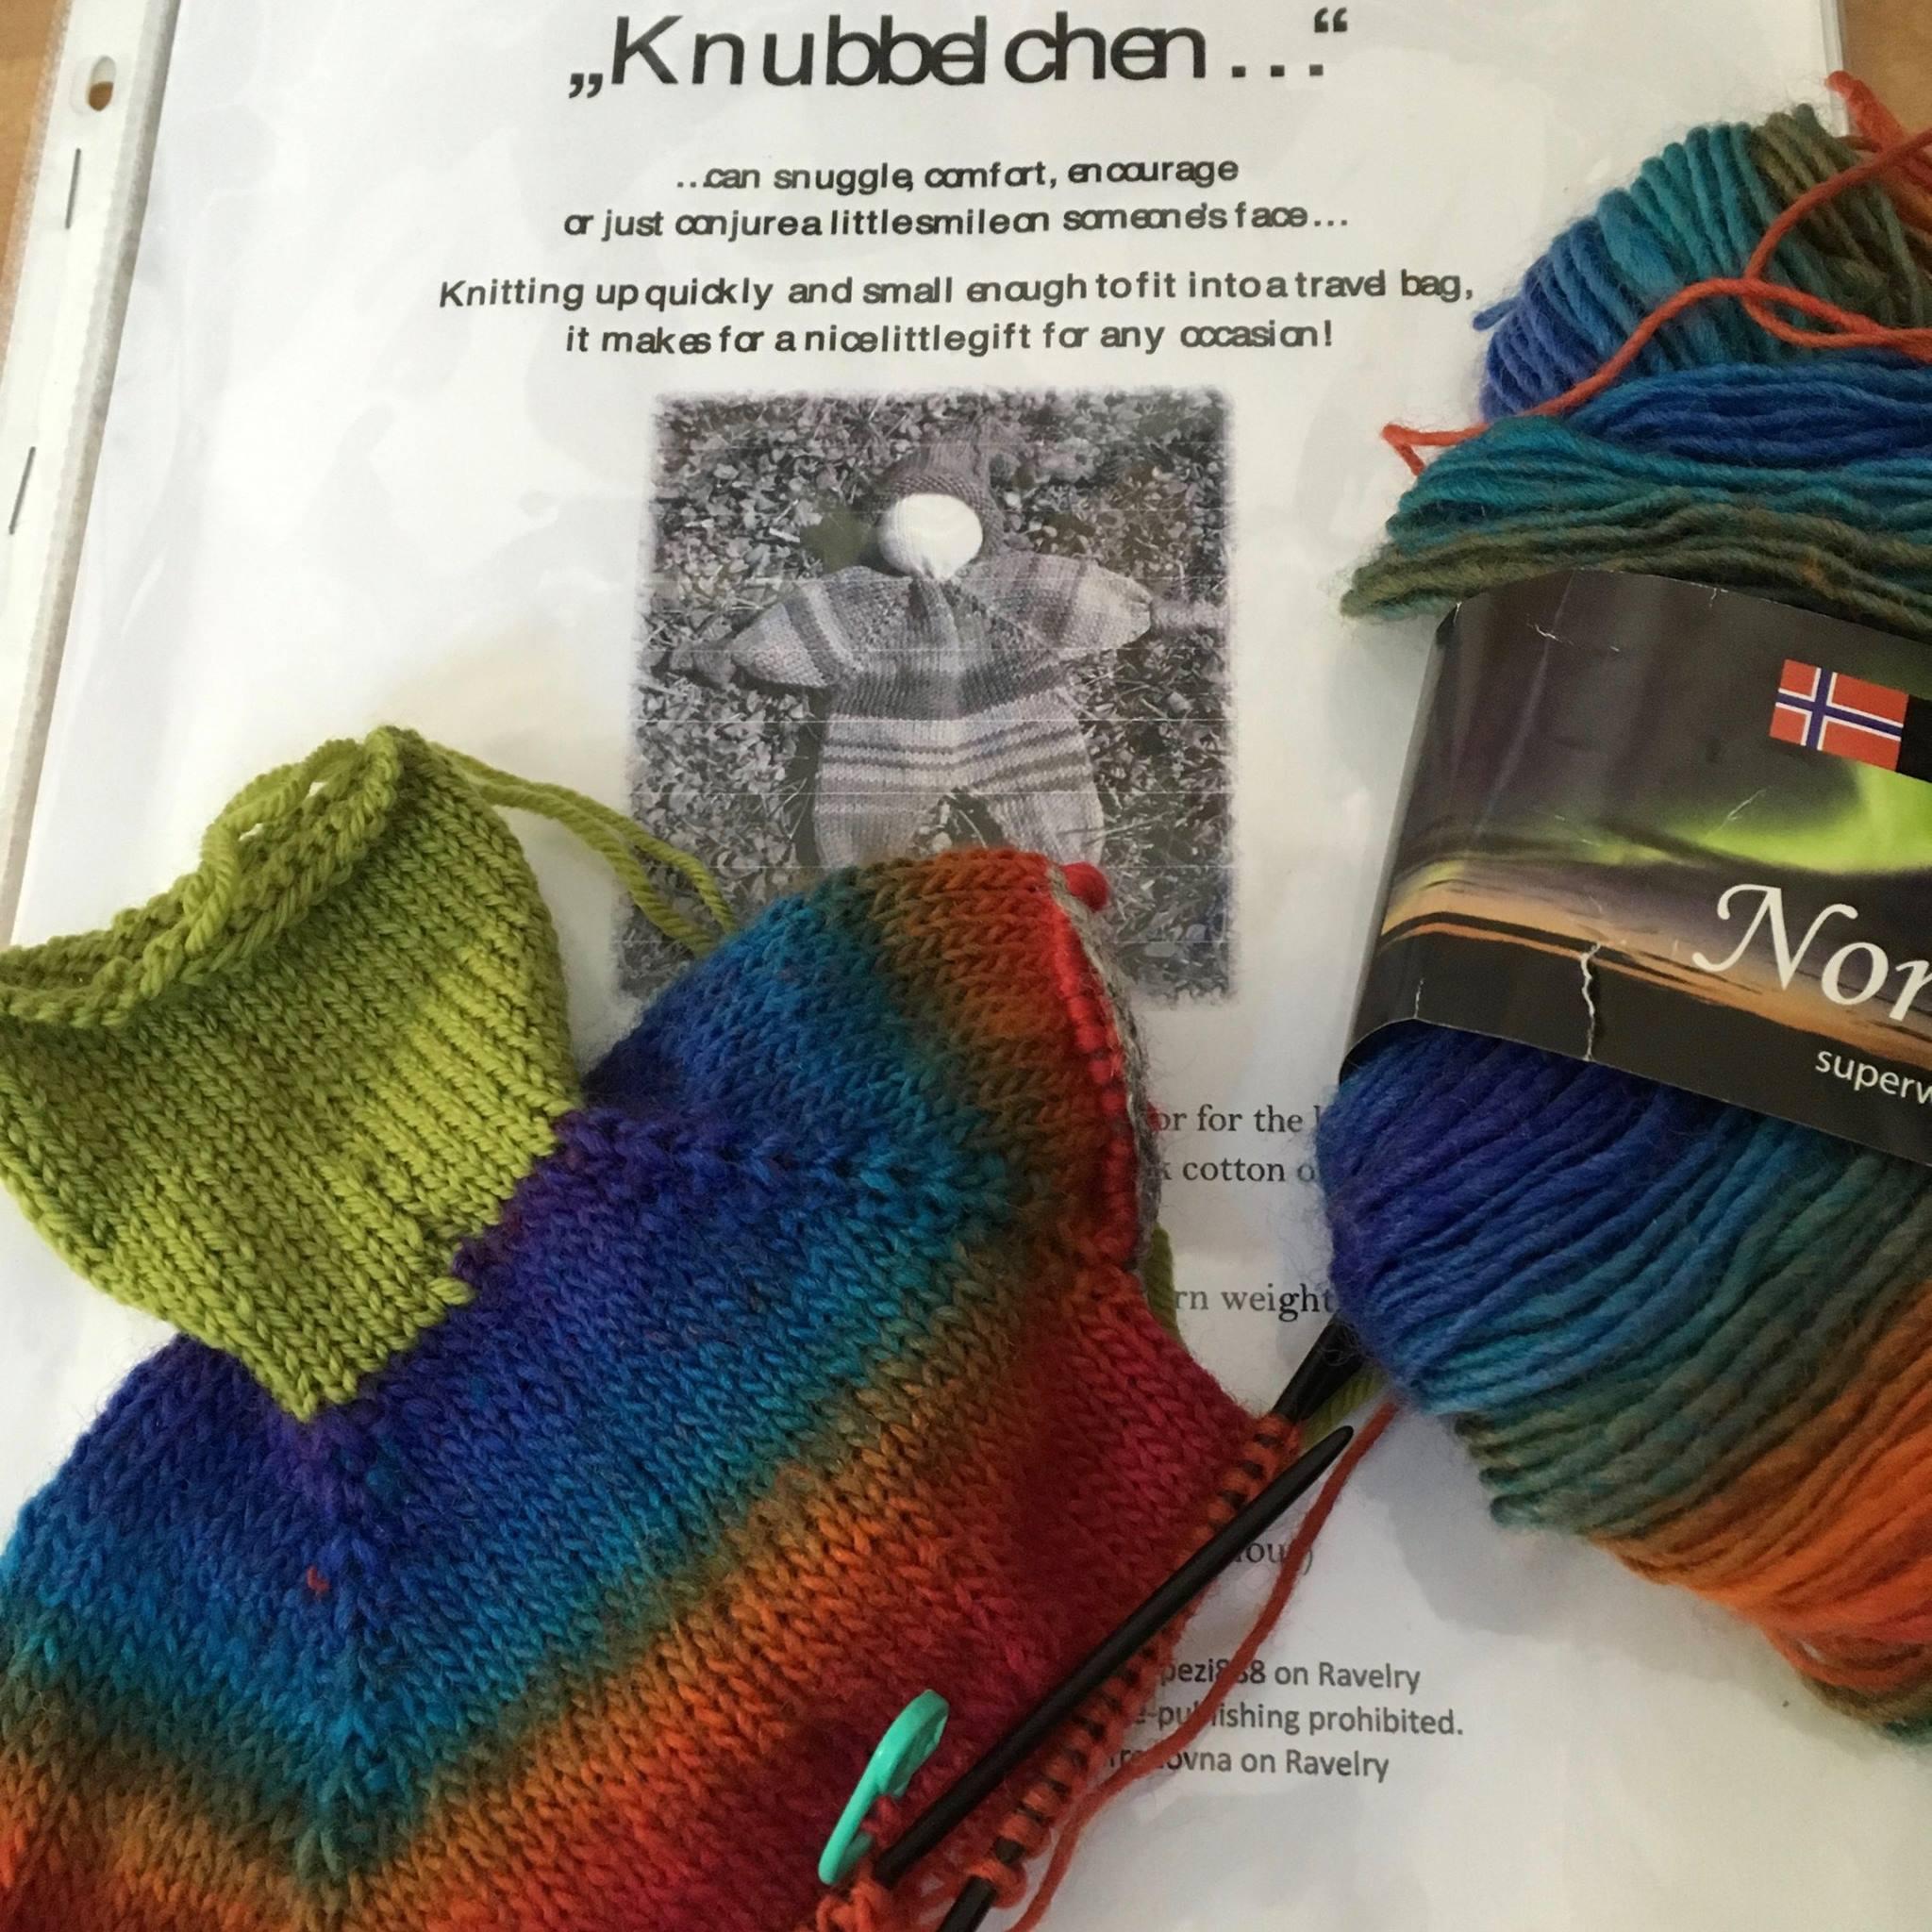 Let the Christmas knitting begin!